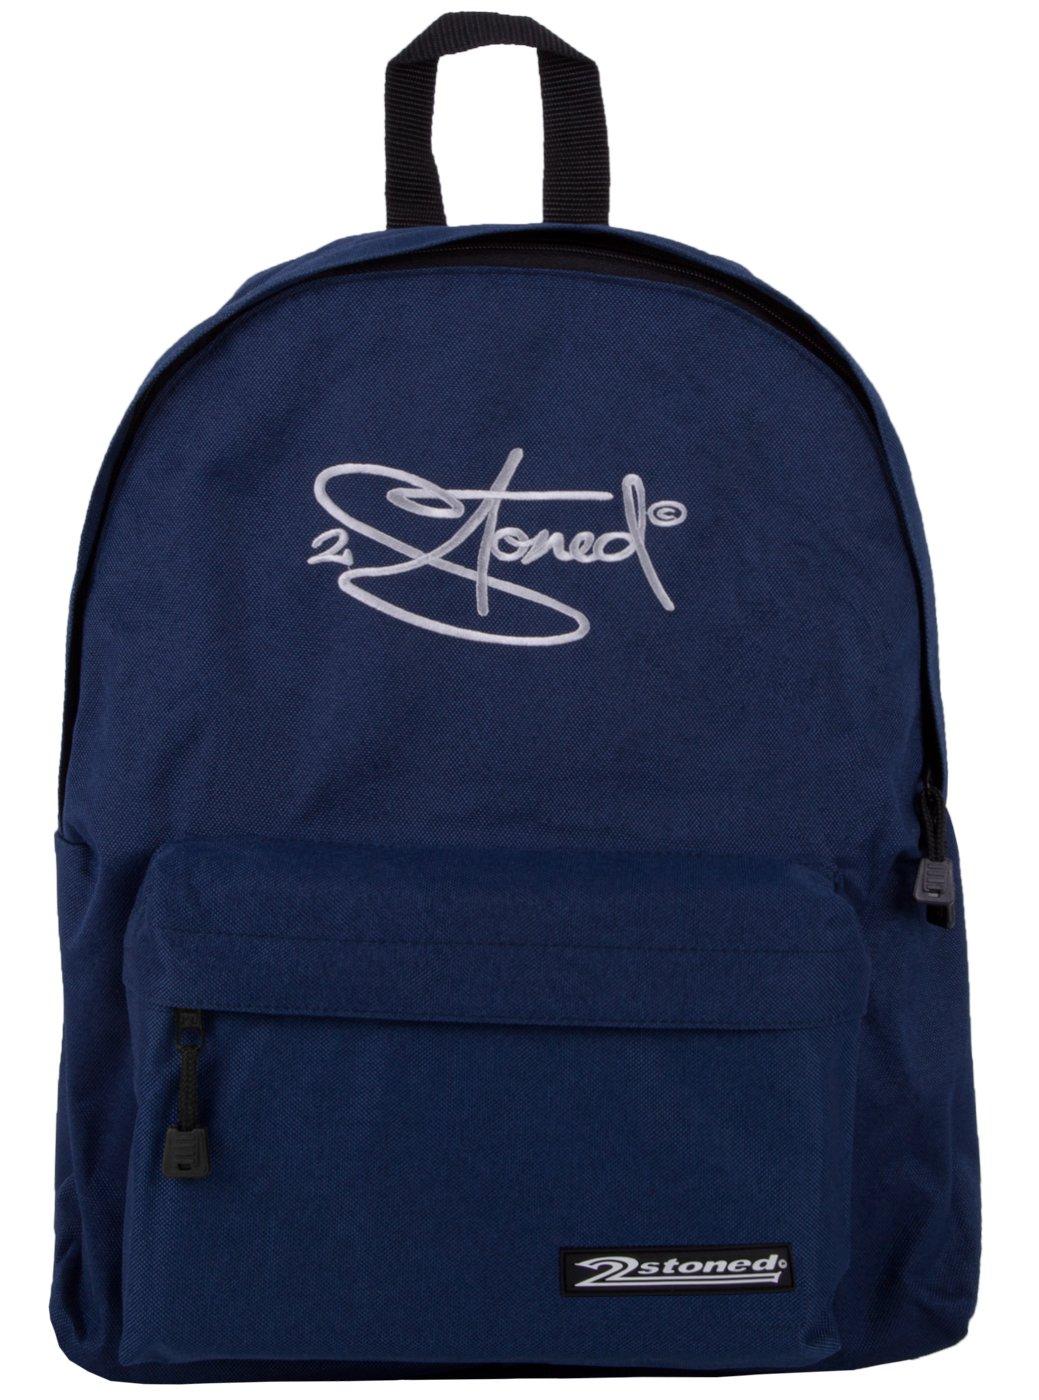 2Stoned Original Freizeitrucksack mit Stickmotiv in 5 Farben + Einlegeboden 2-stoned Wear 2010